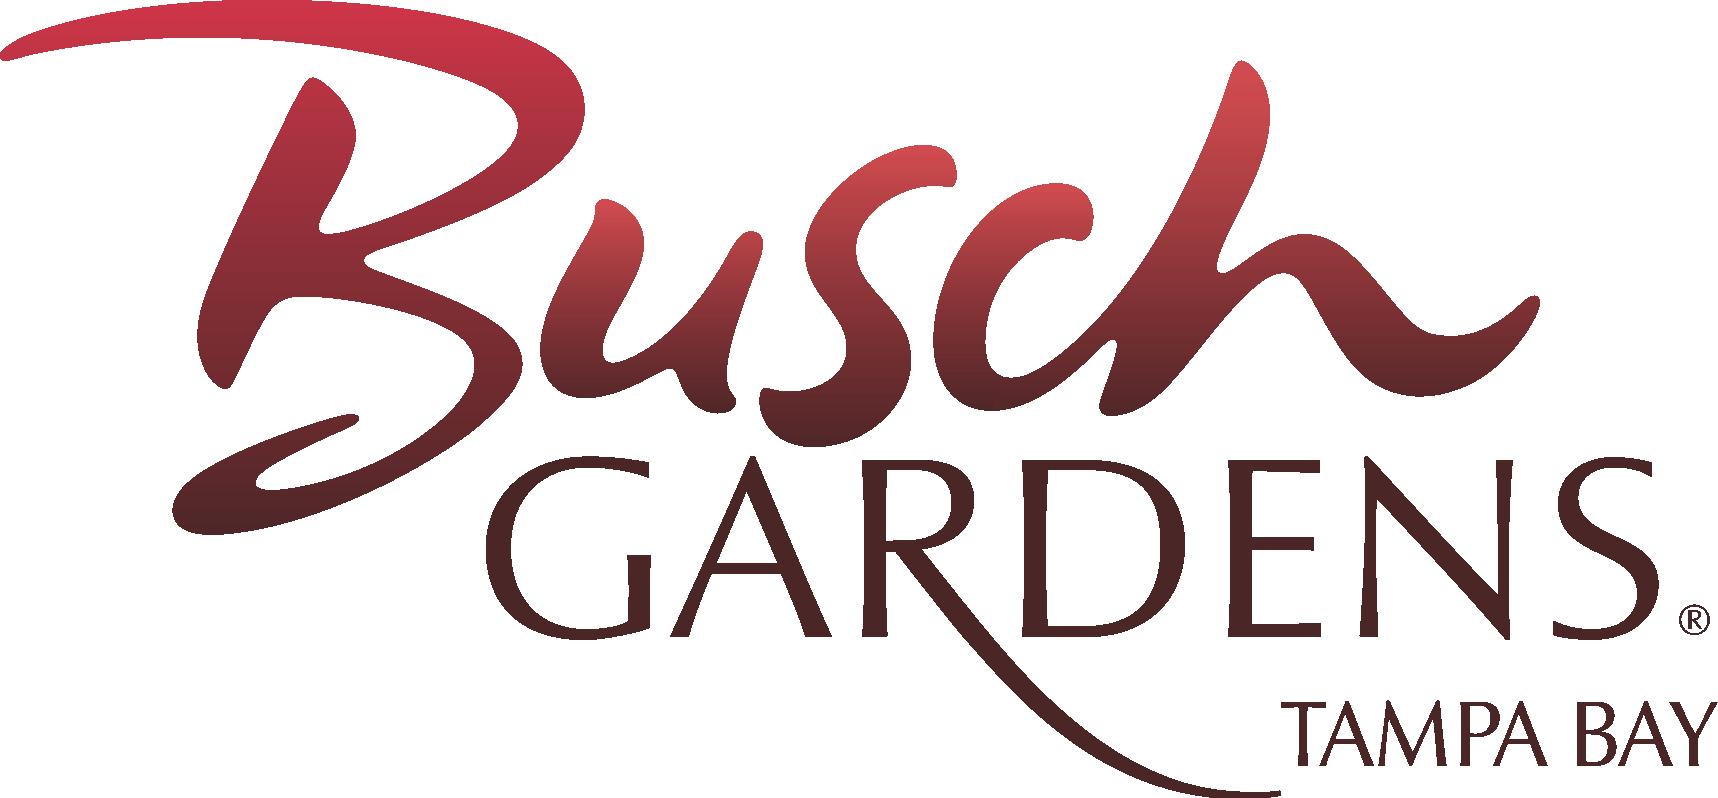 Busch gardens clipart.